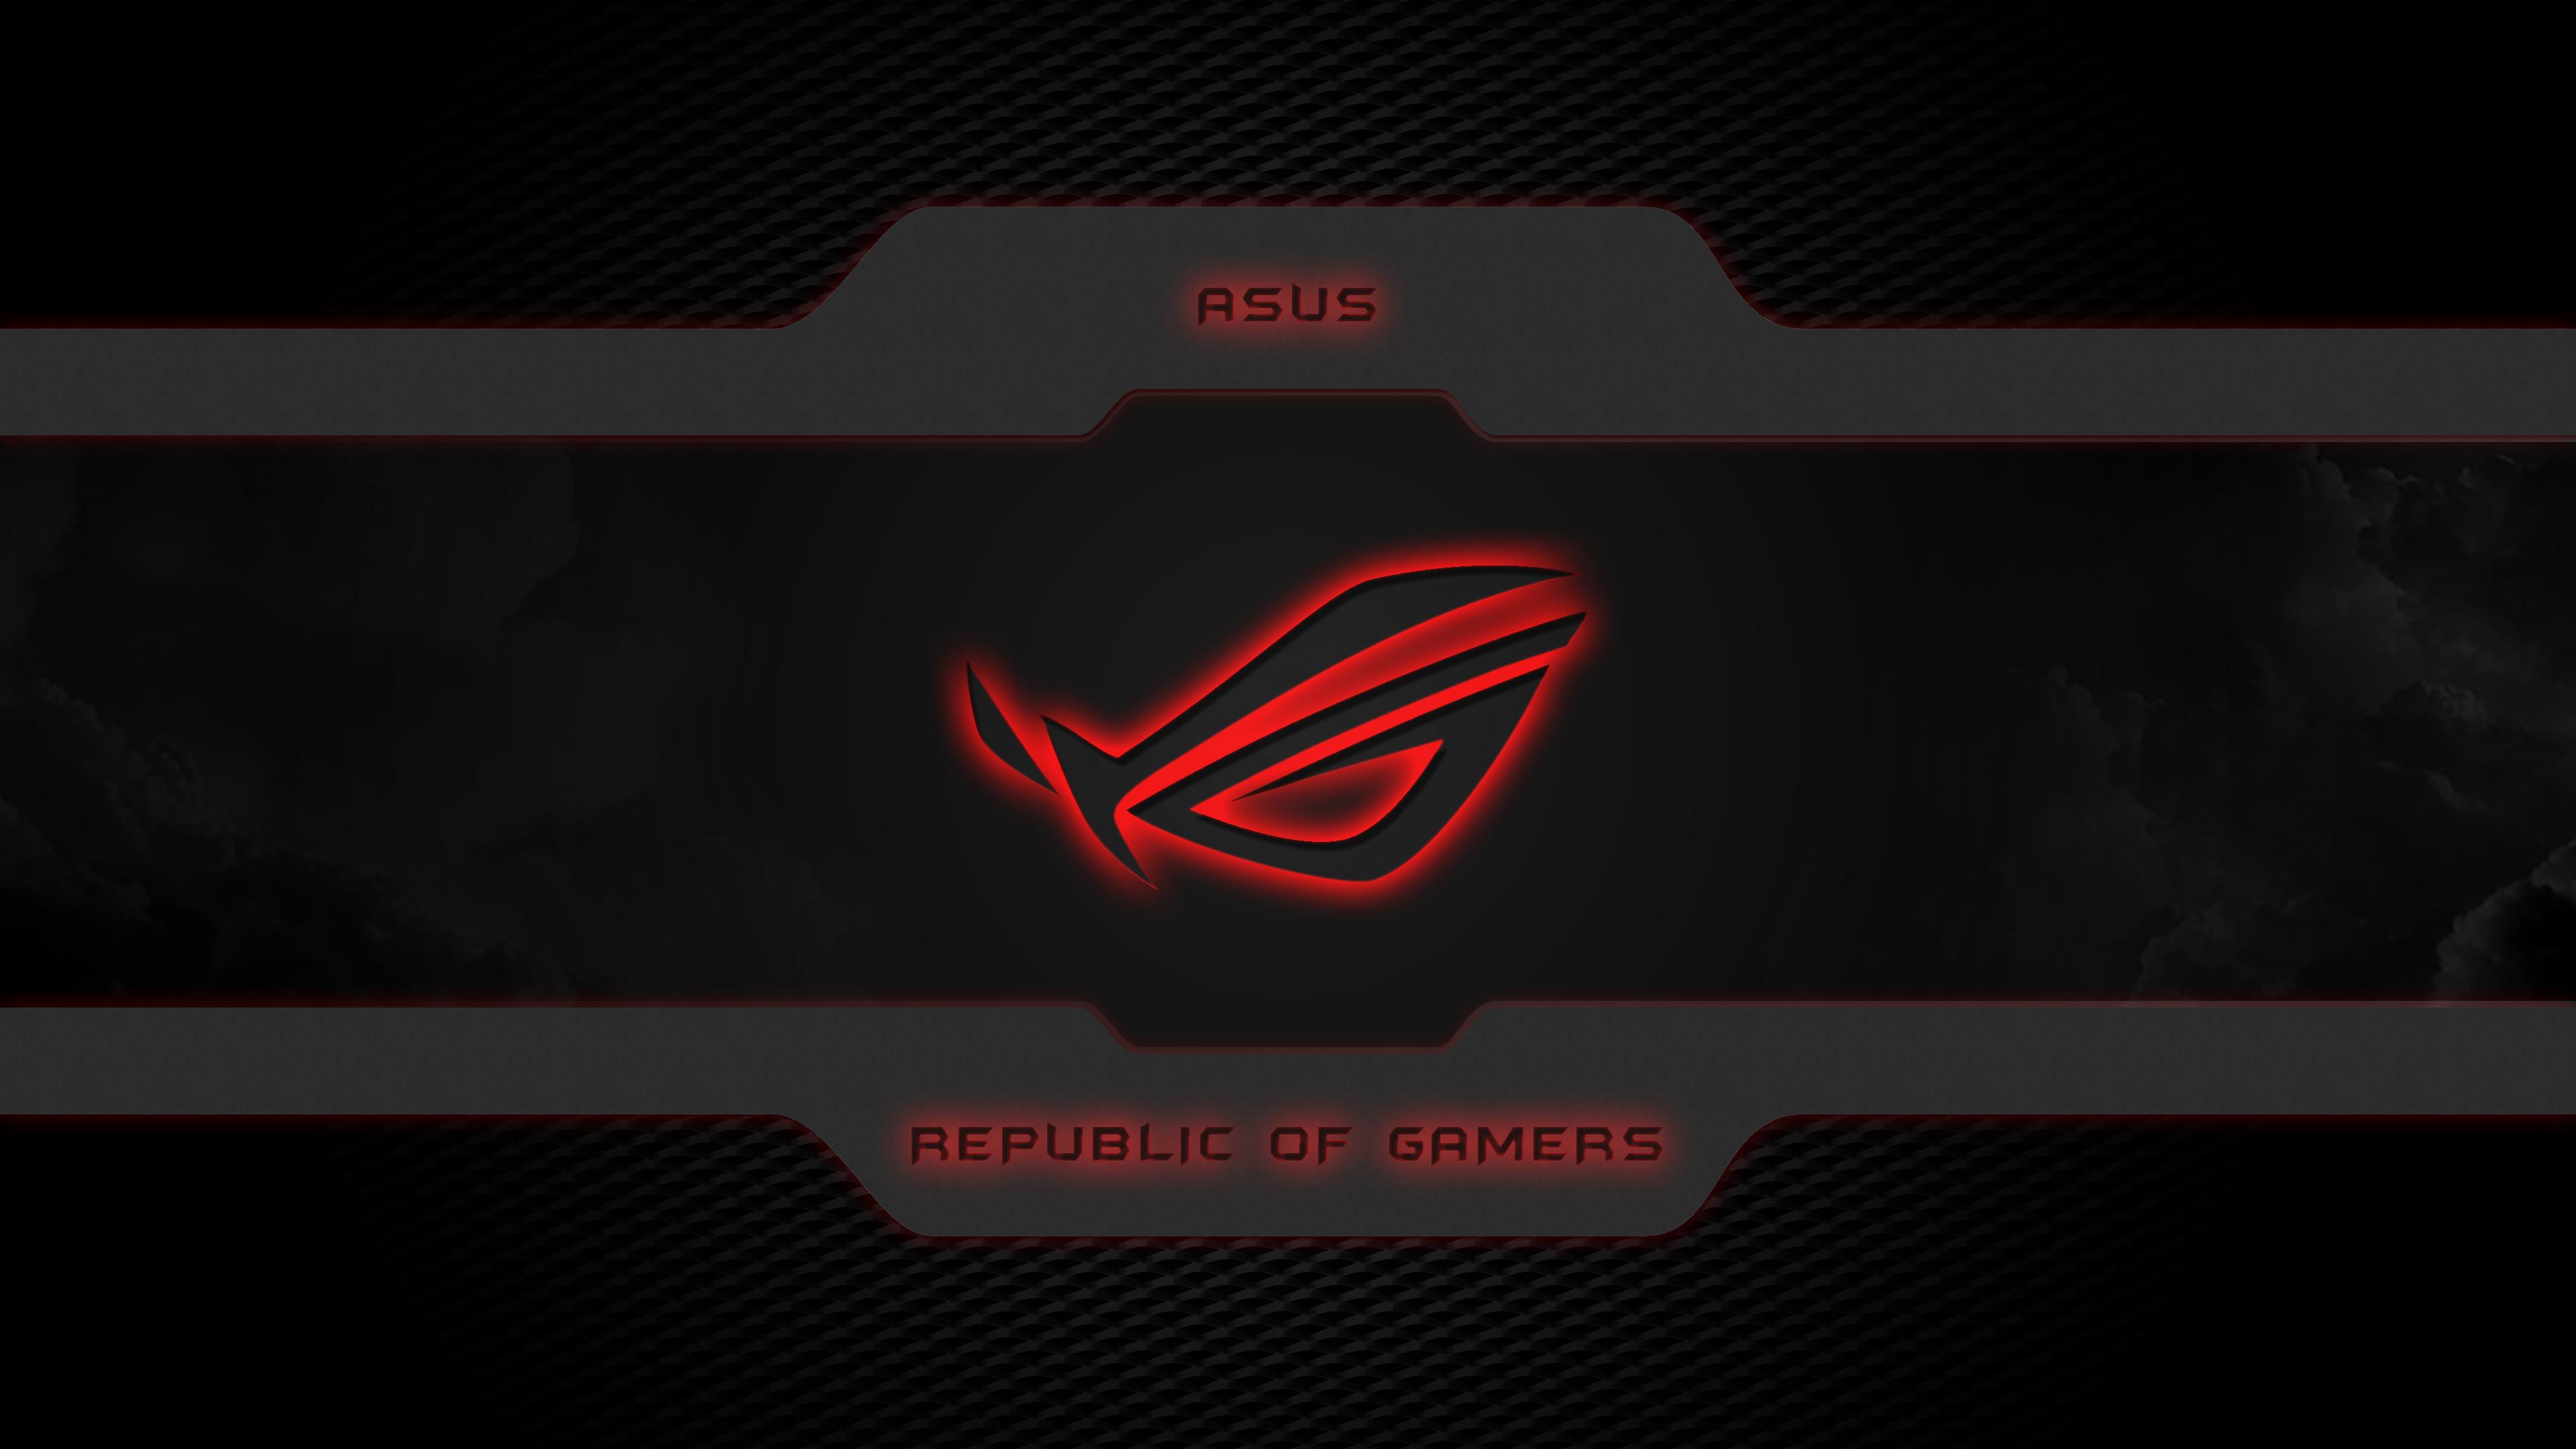 Rog Neon Logo 5k Hd Computer 4k Wallpapers Images: Asus Ultra HD 4K Wallpapers (62+ Images